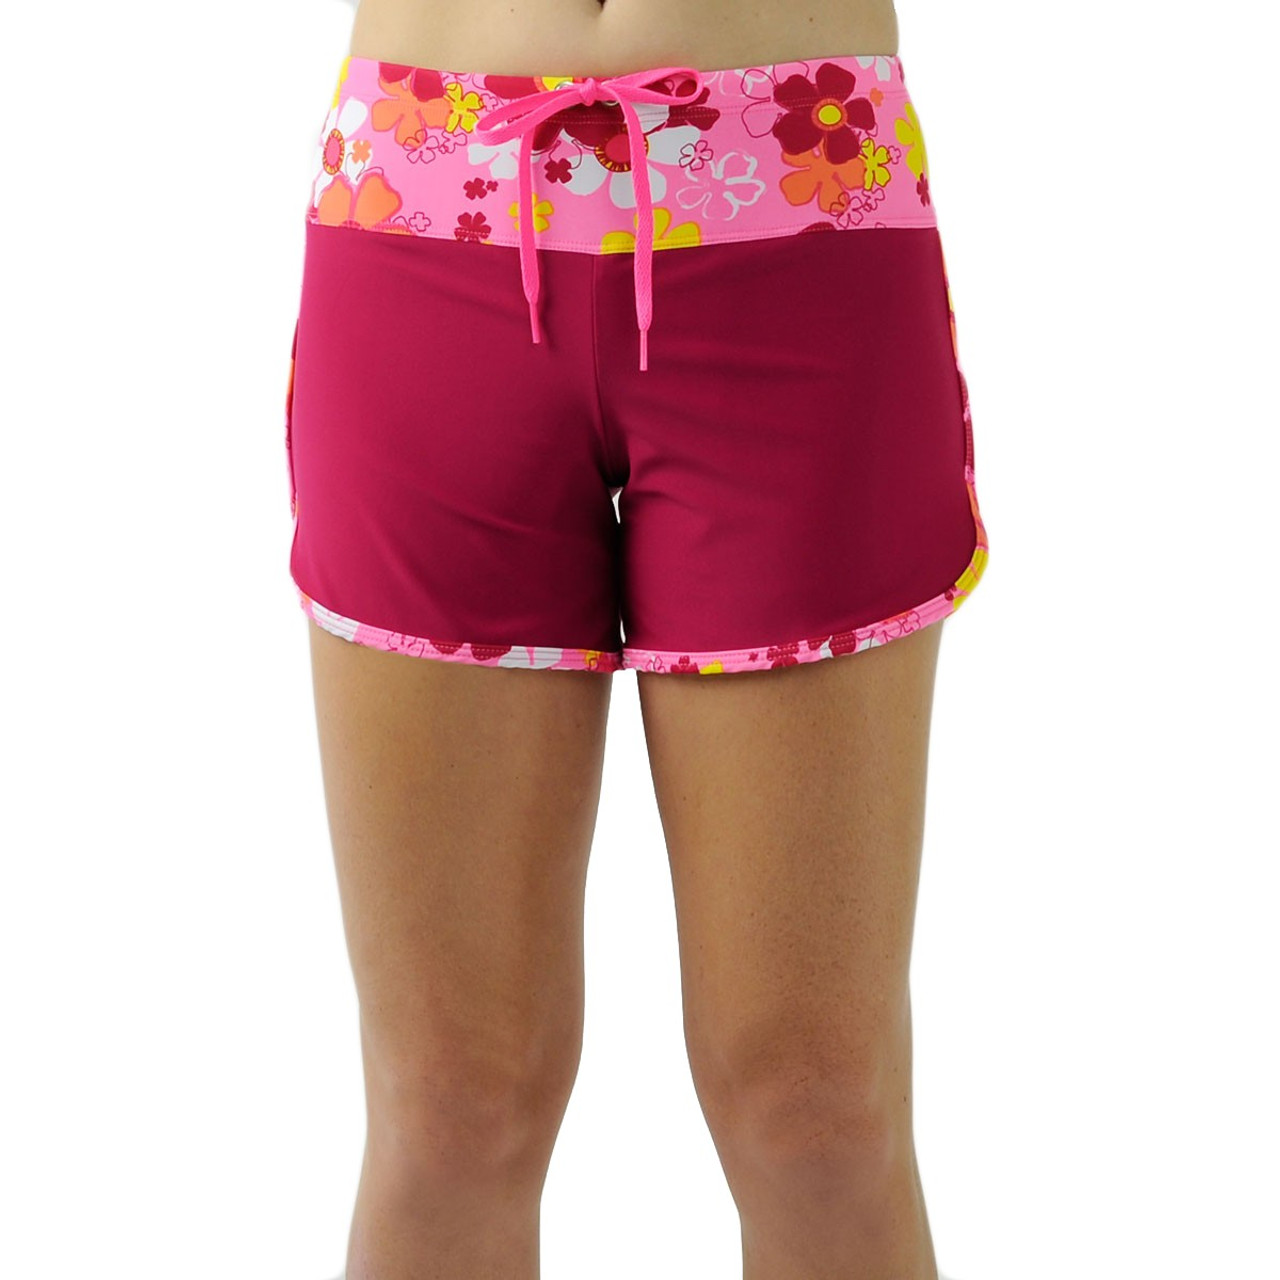 43f02c7db5 Tuga Womens UV Swim Shorts Daisy Pink | Womens UV Clothing